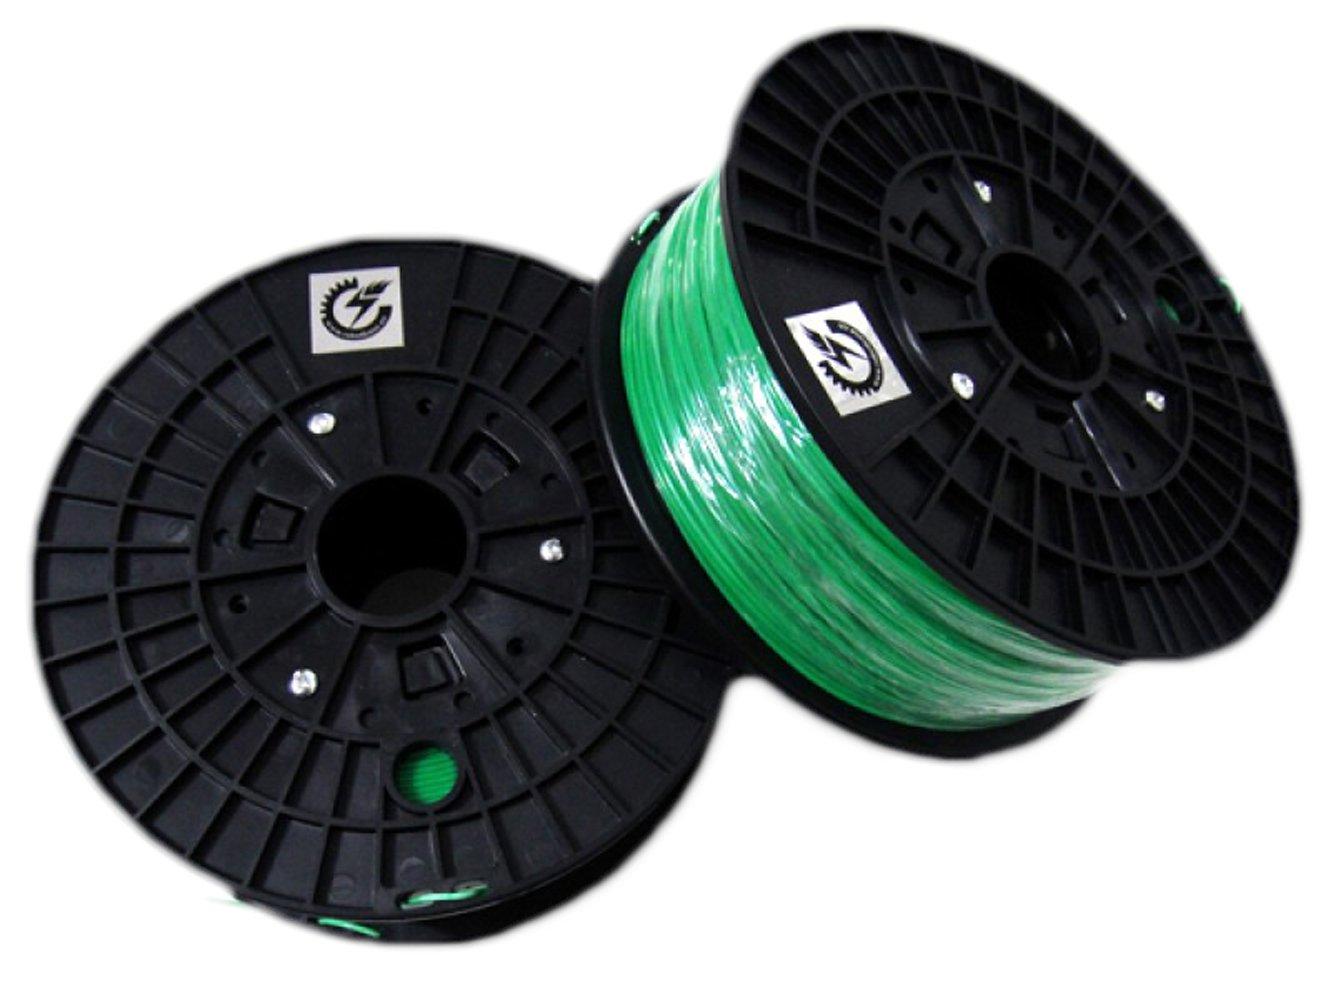 Impresora 3D Cloud Pla Filament para Impresora 3D Verde: Amazon.es ...